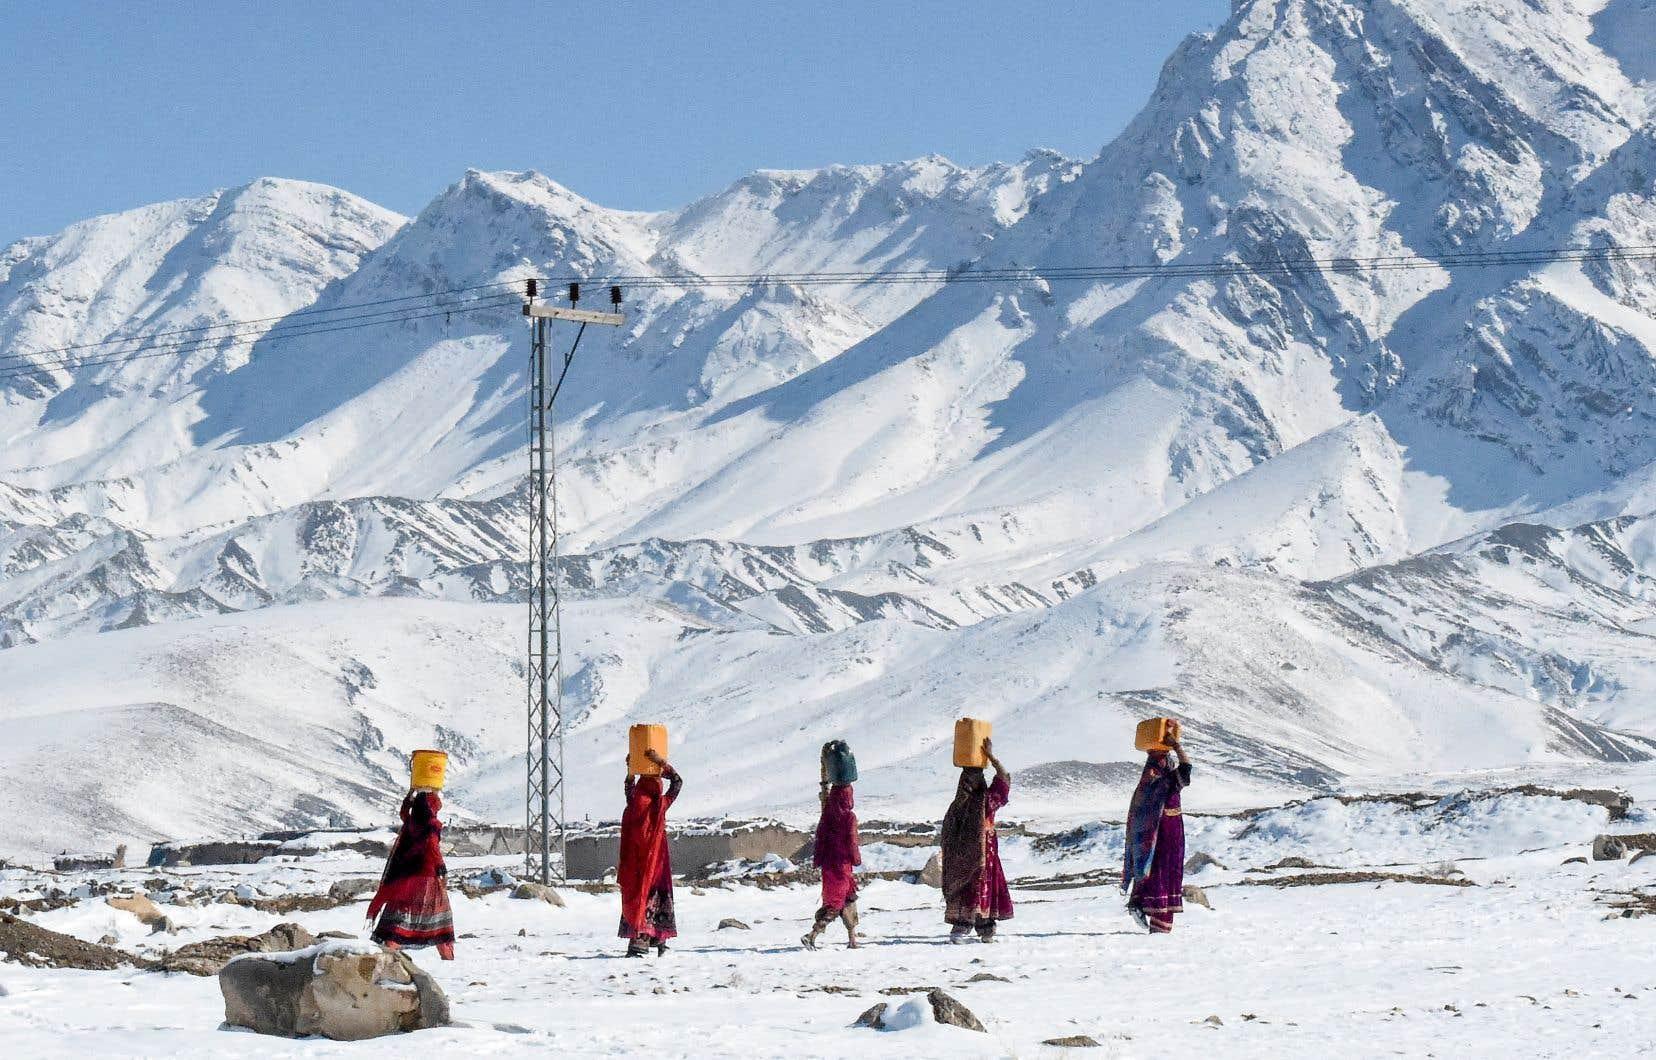 Des résidents de la région de Khanozai, au Pakistan, portent des sceaux d'eau jusqu'à leur domicileaprès de fortes chutes de neige.